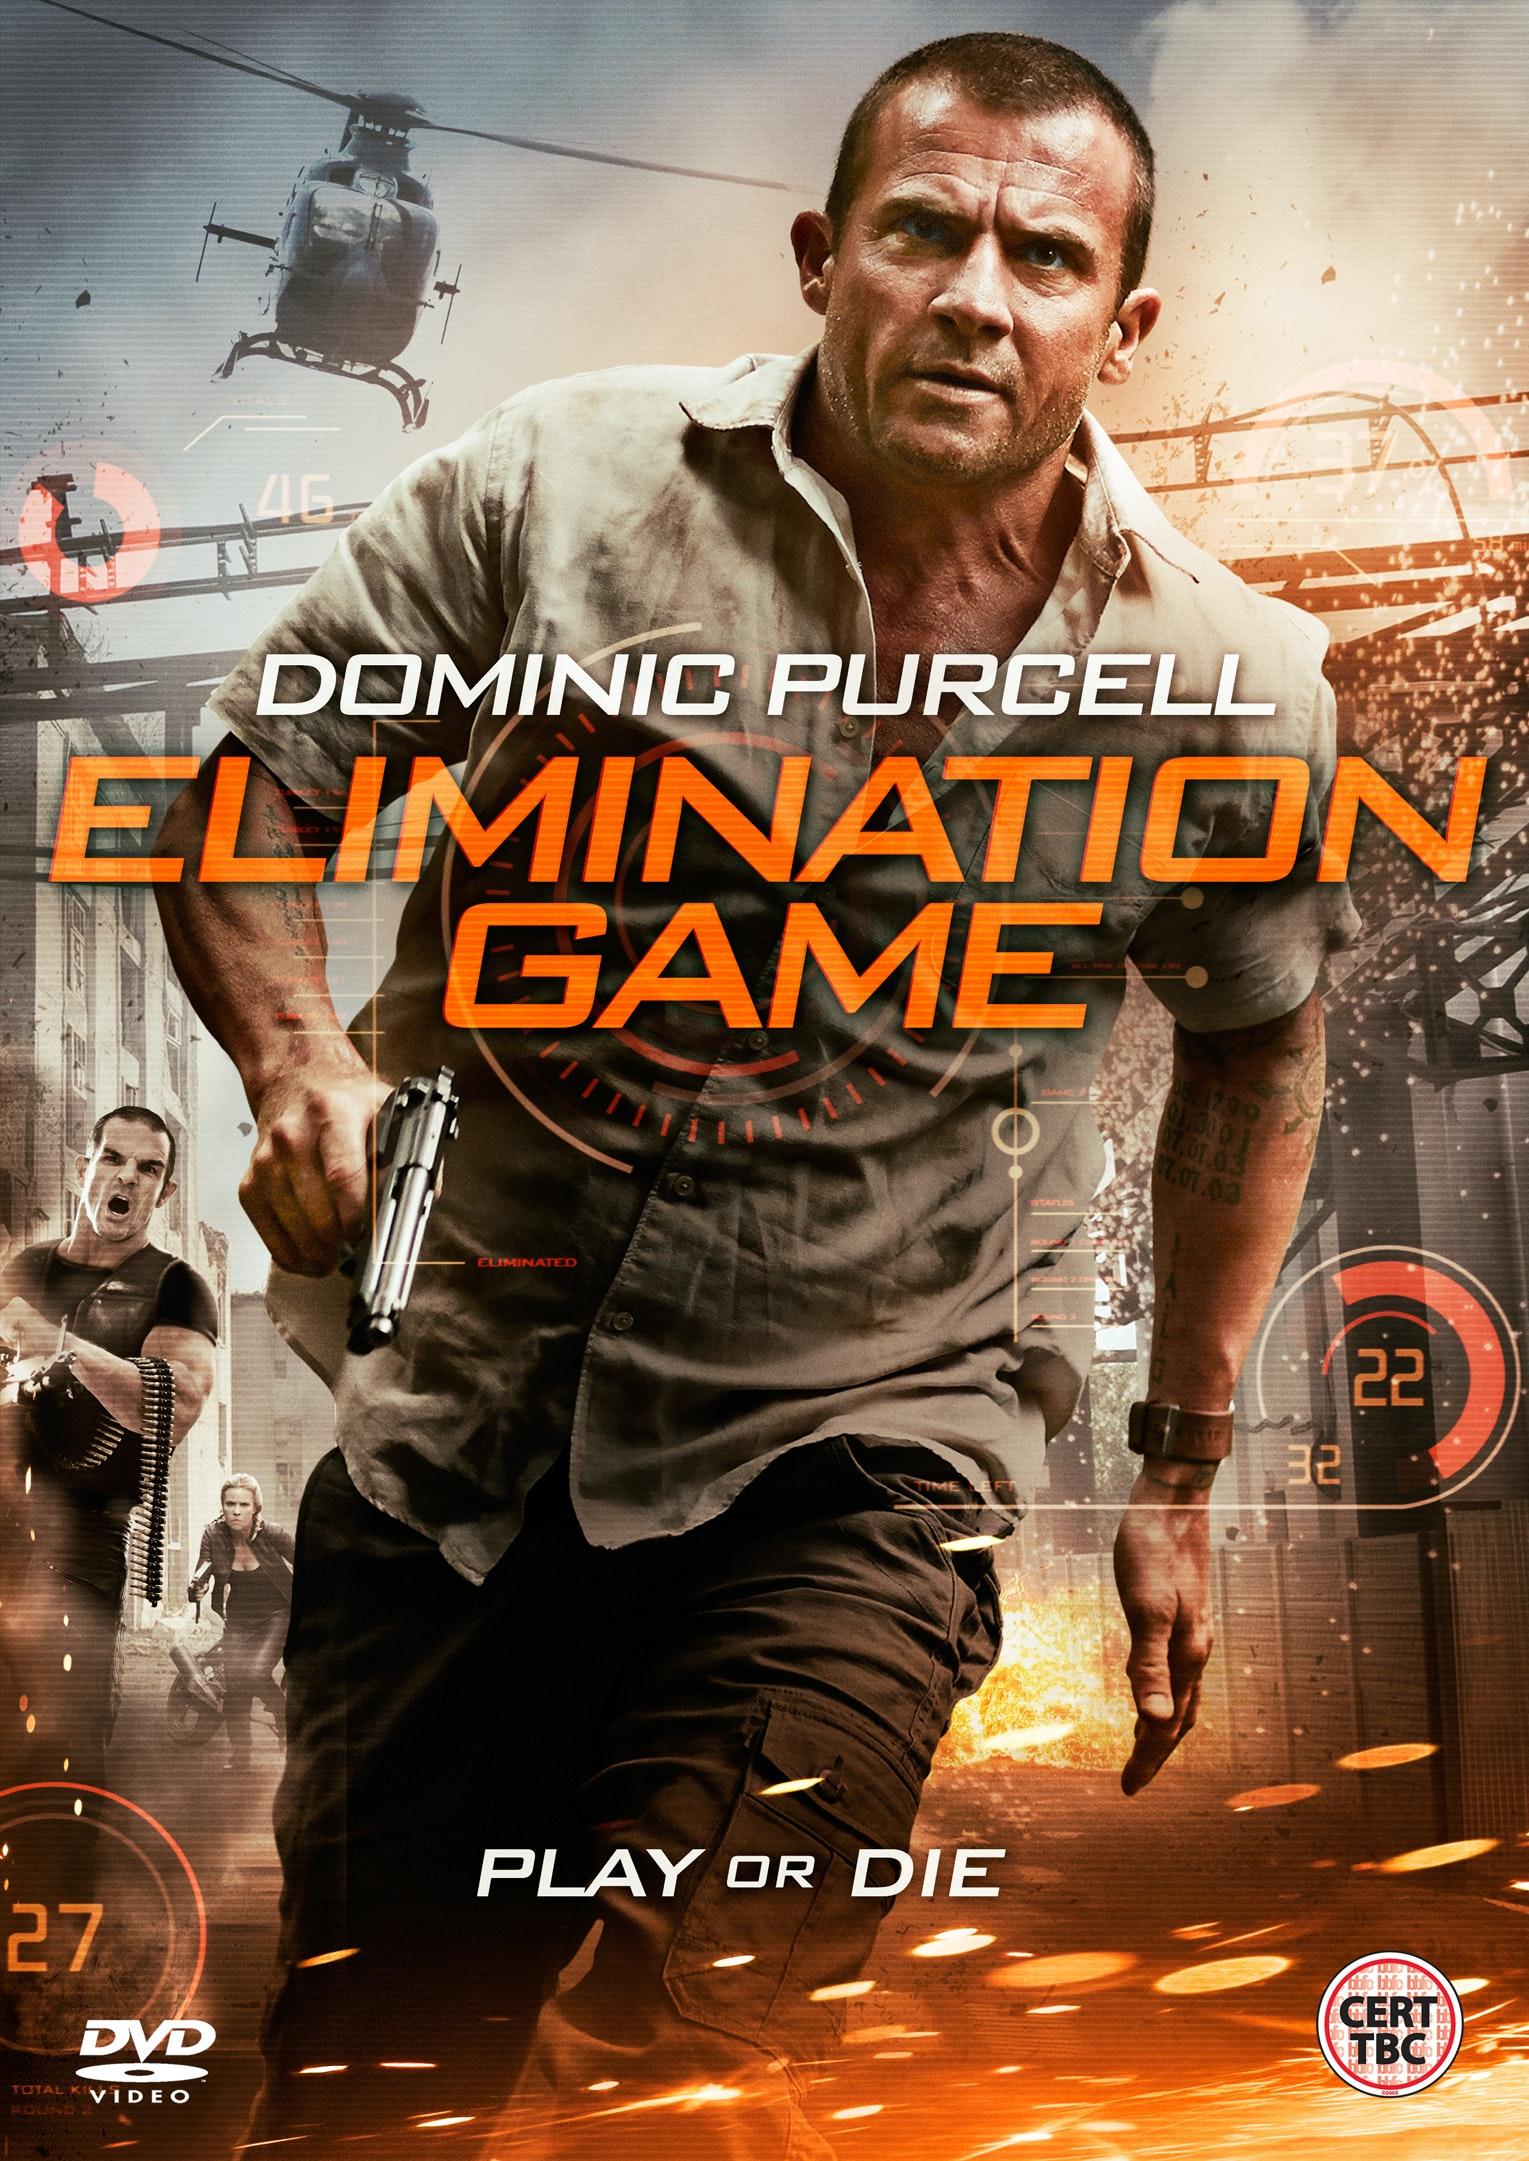 Elimgame dvd 2d image